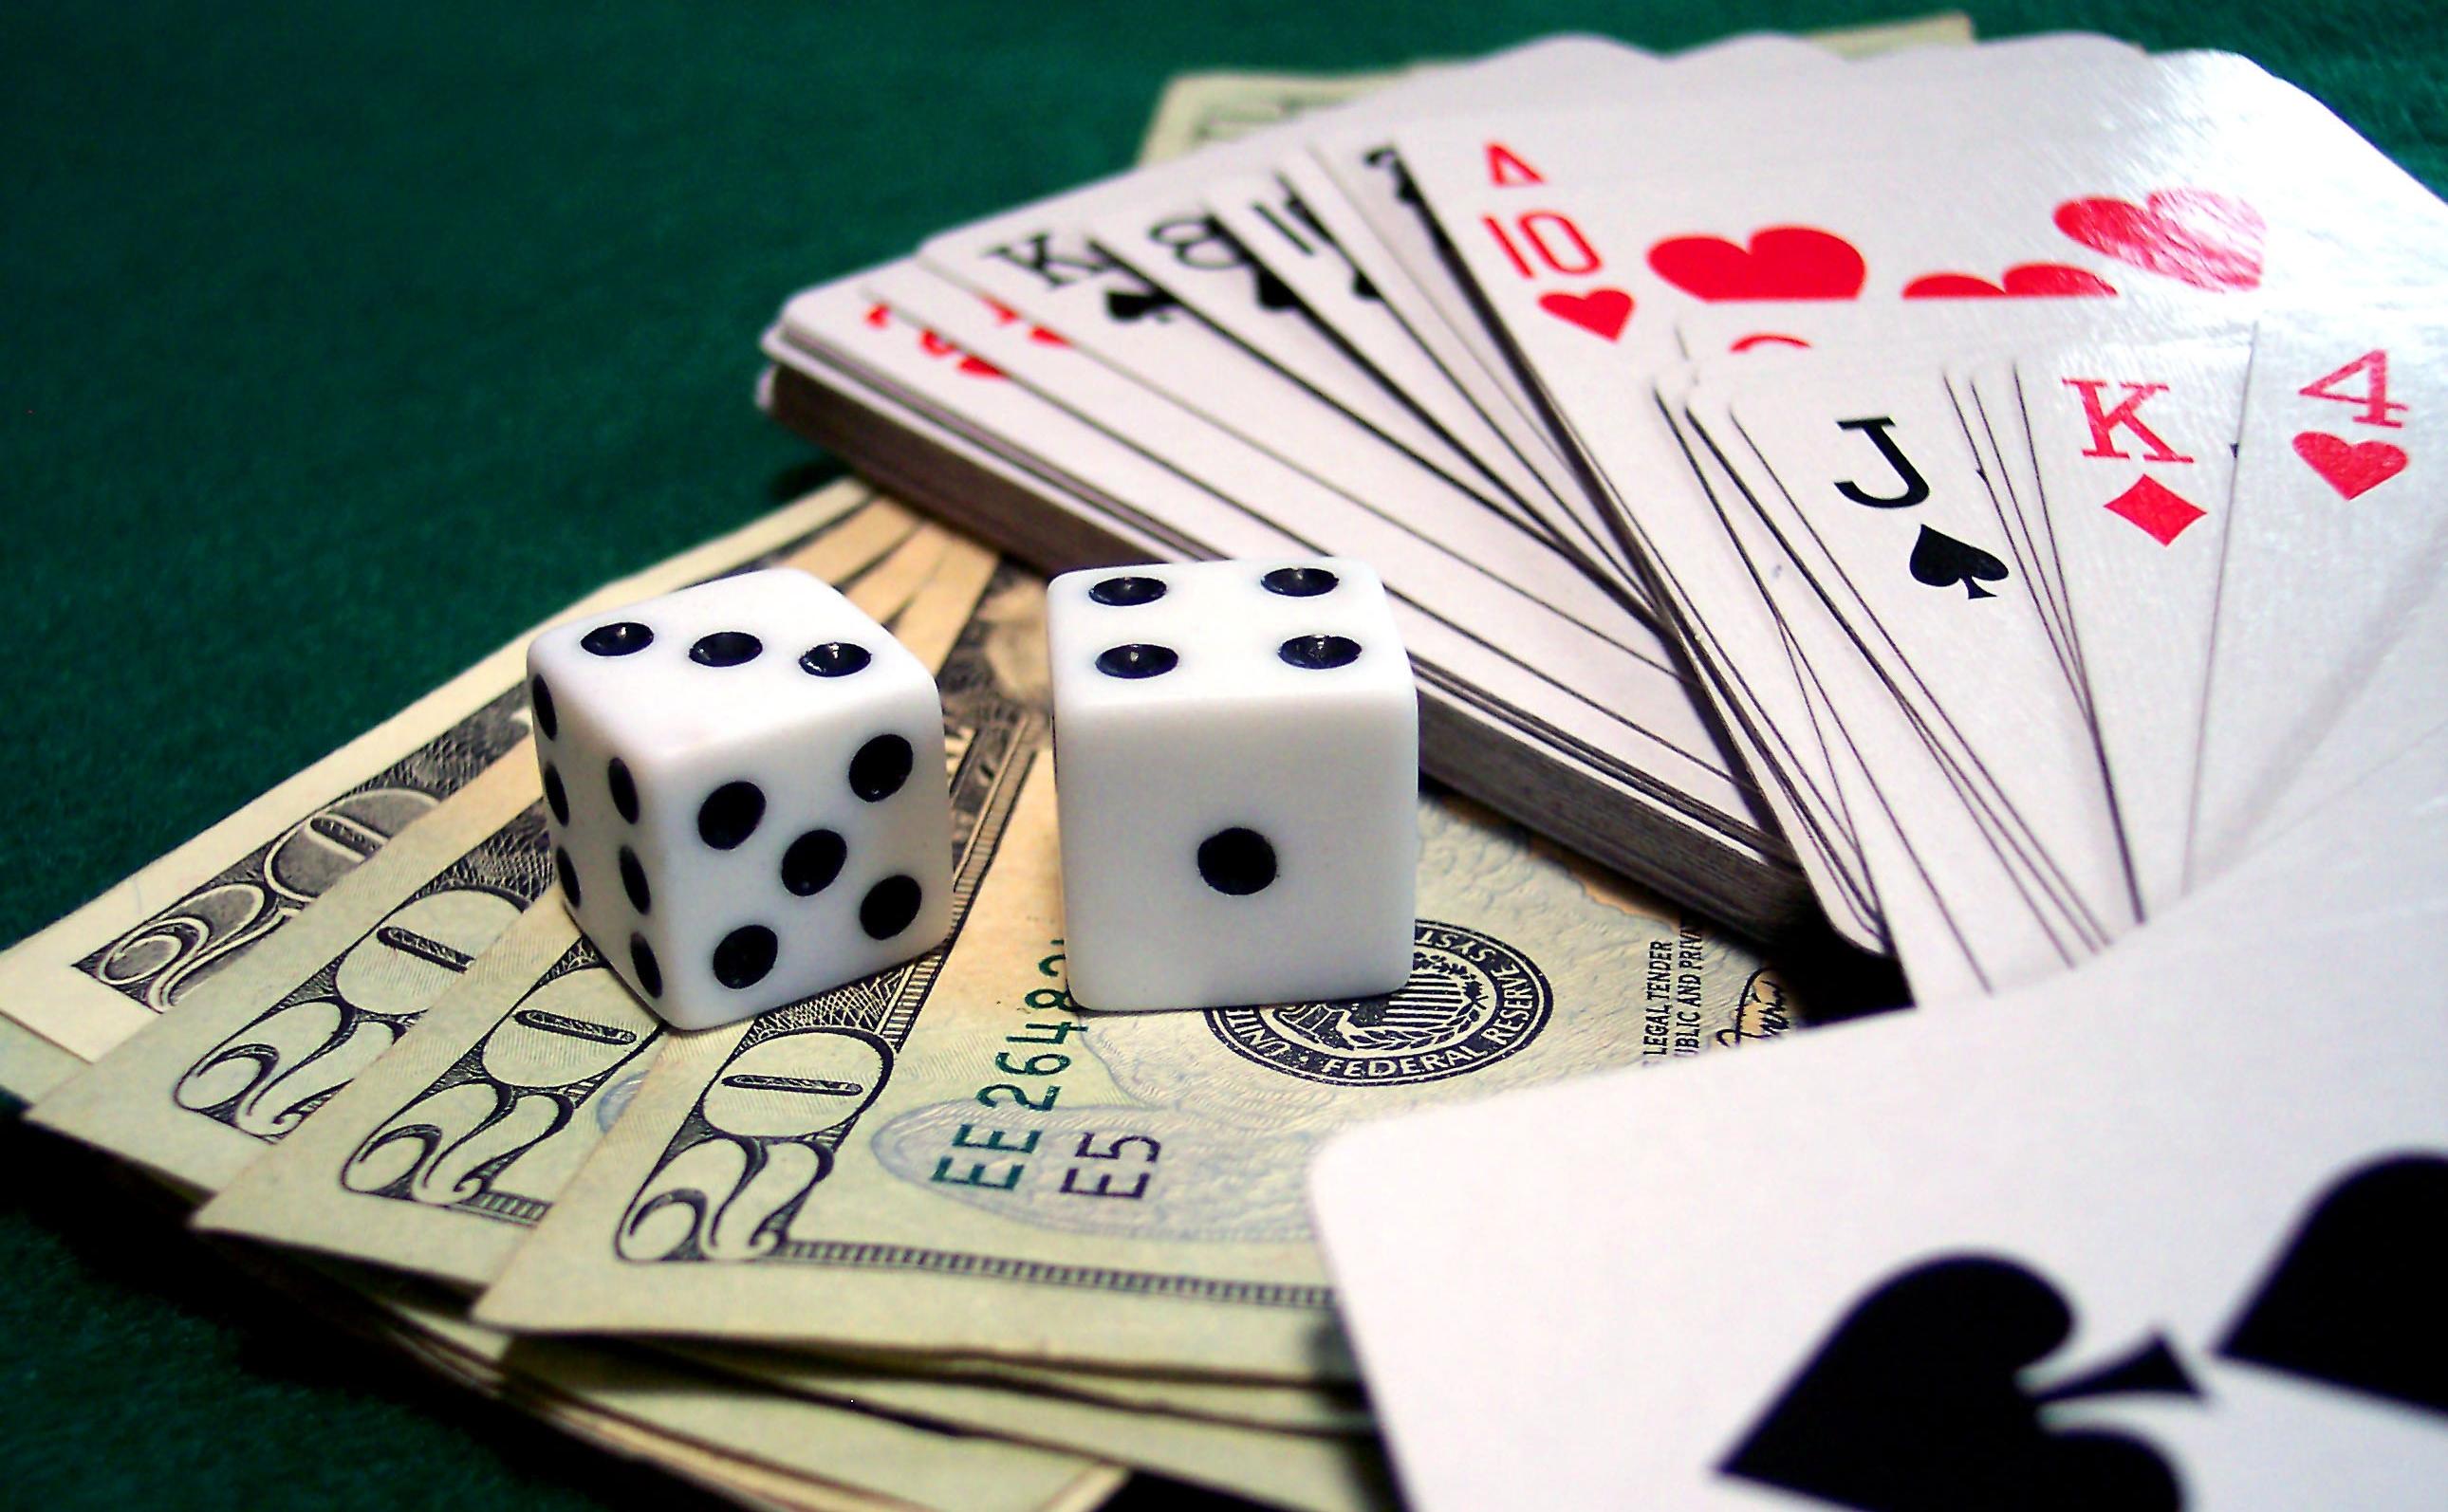 Gambling: ставки как образ жизни | smartgambling - cтавки на спорт